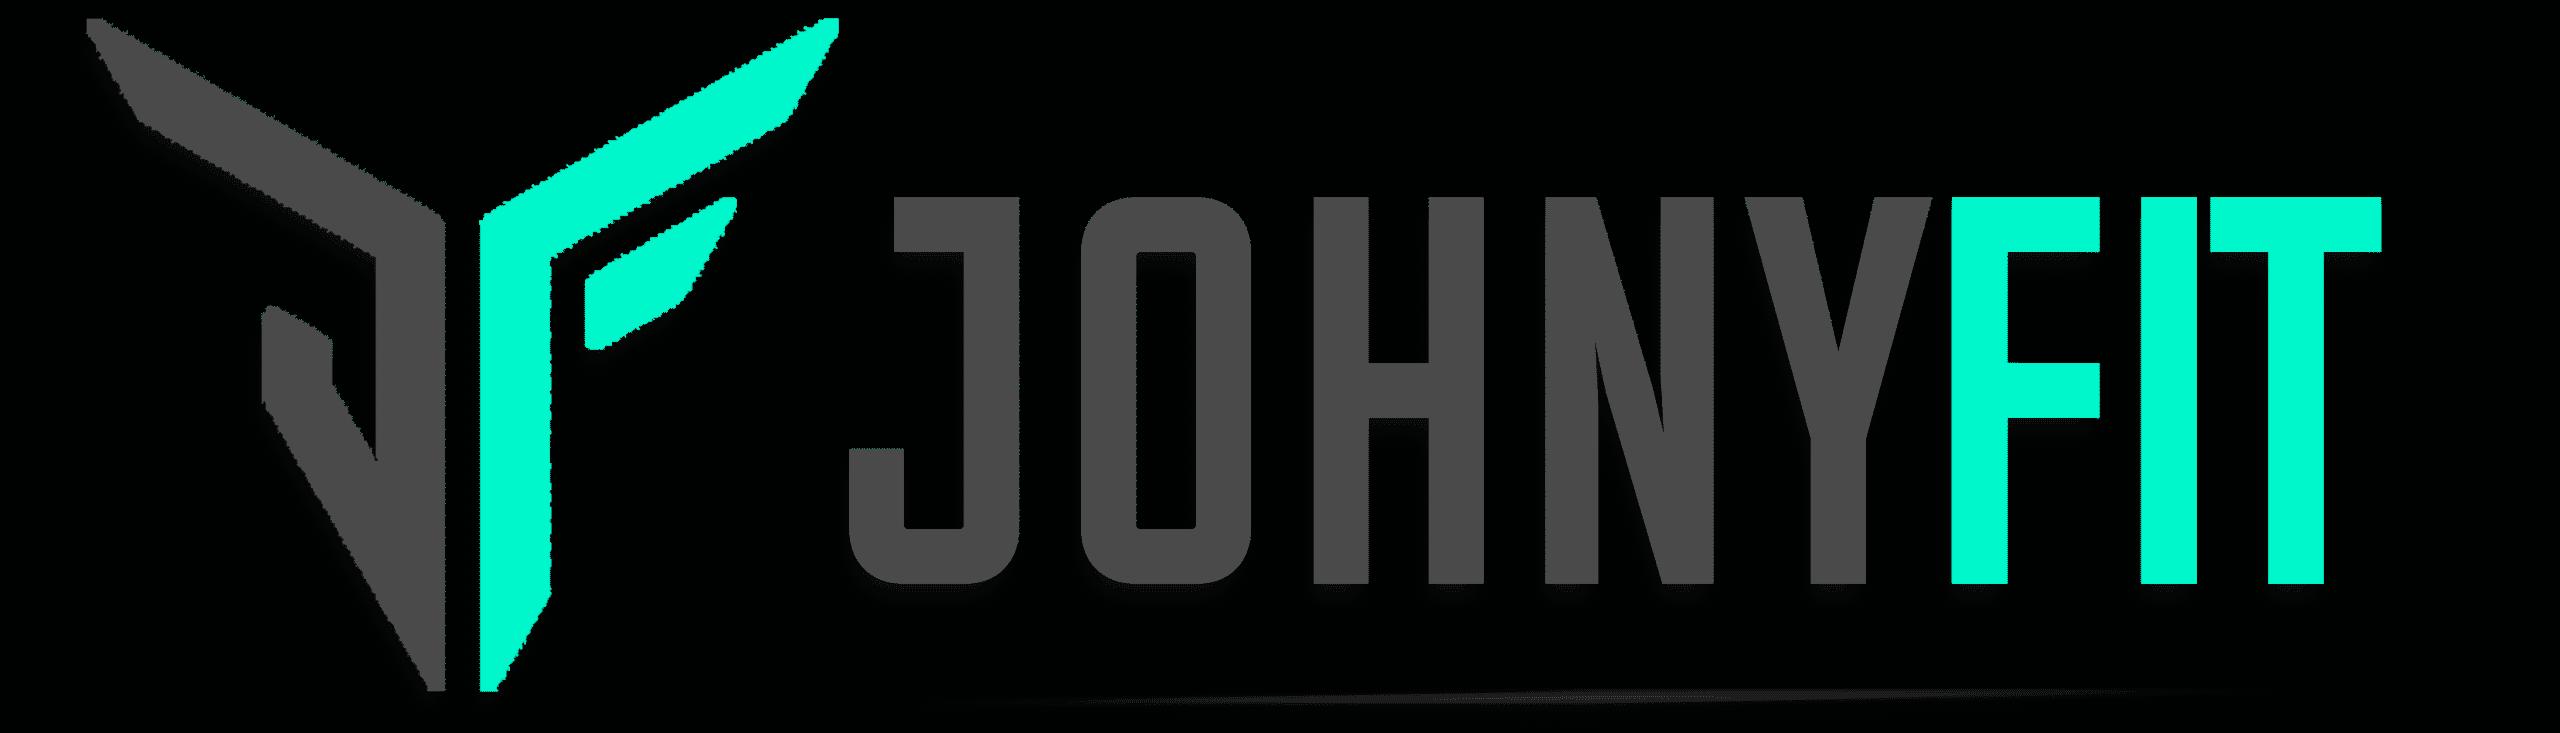 cropped-johnylogo-2.png